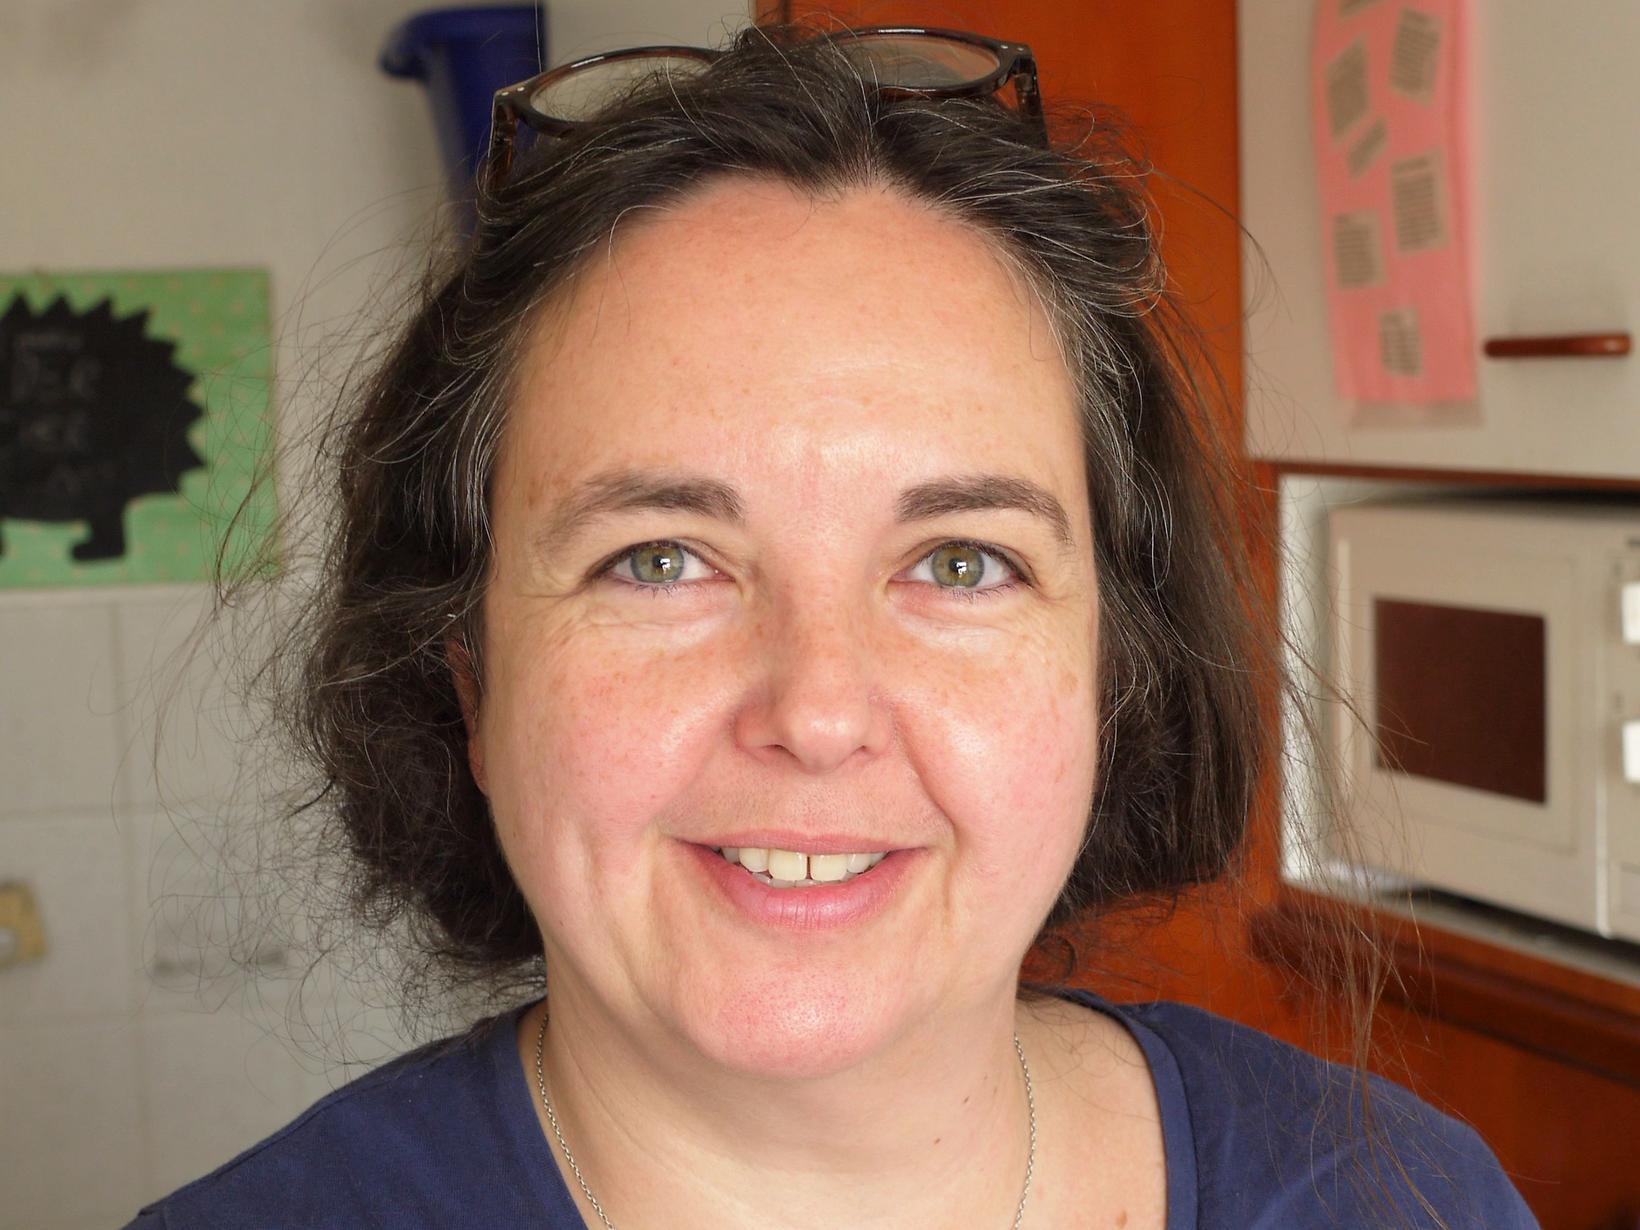 Birgit from Frechen, Germany